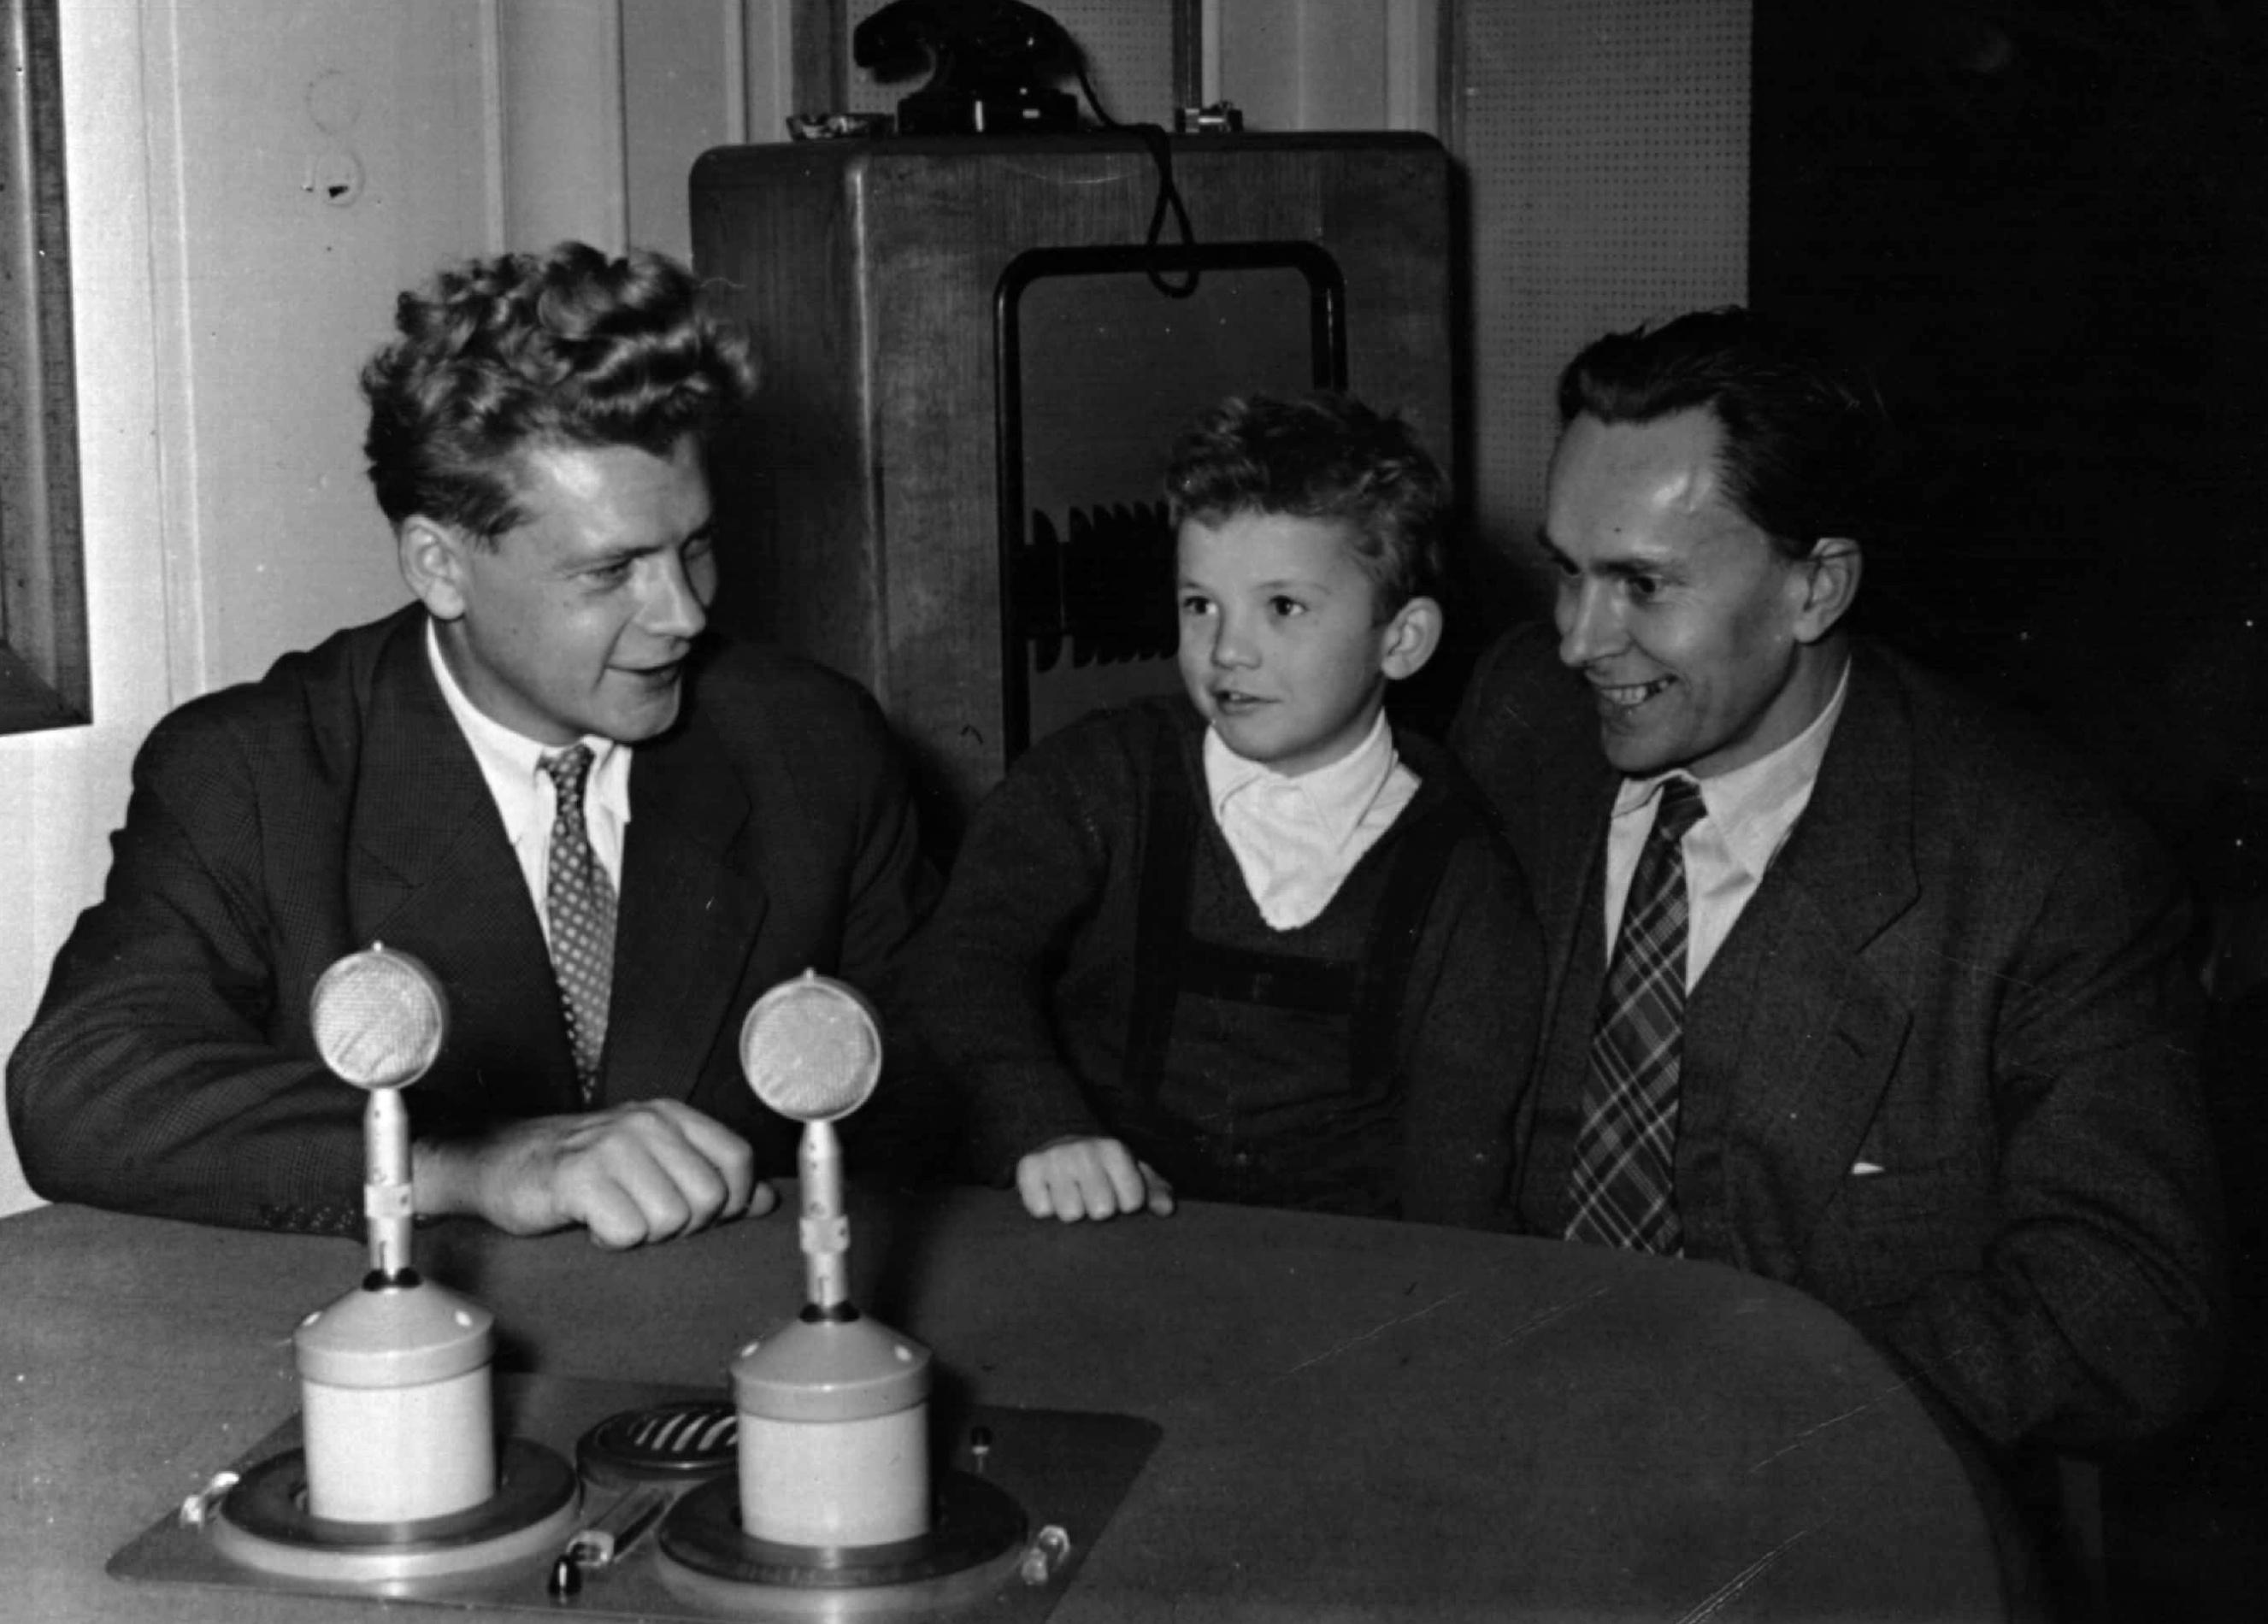 Jiří Hanzelka a Miroslav Zikmund na Mevro (Mezinárodní výstava rozhlasu)